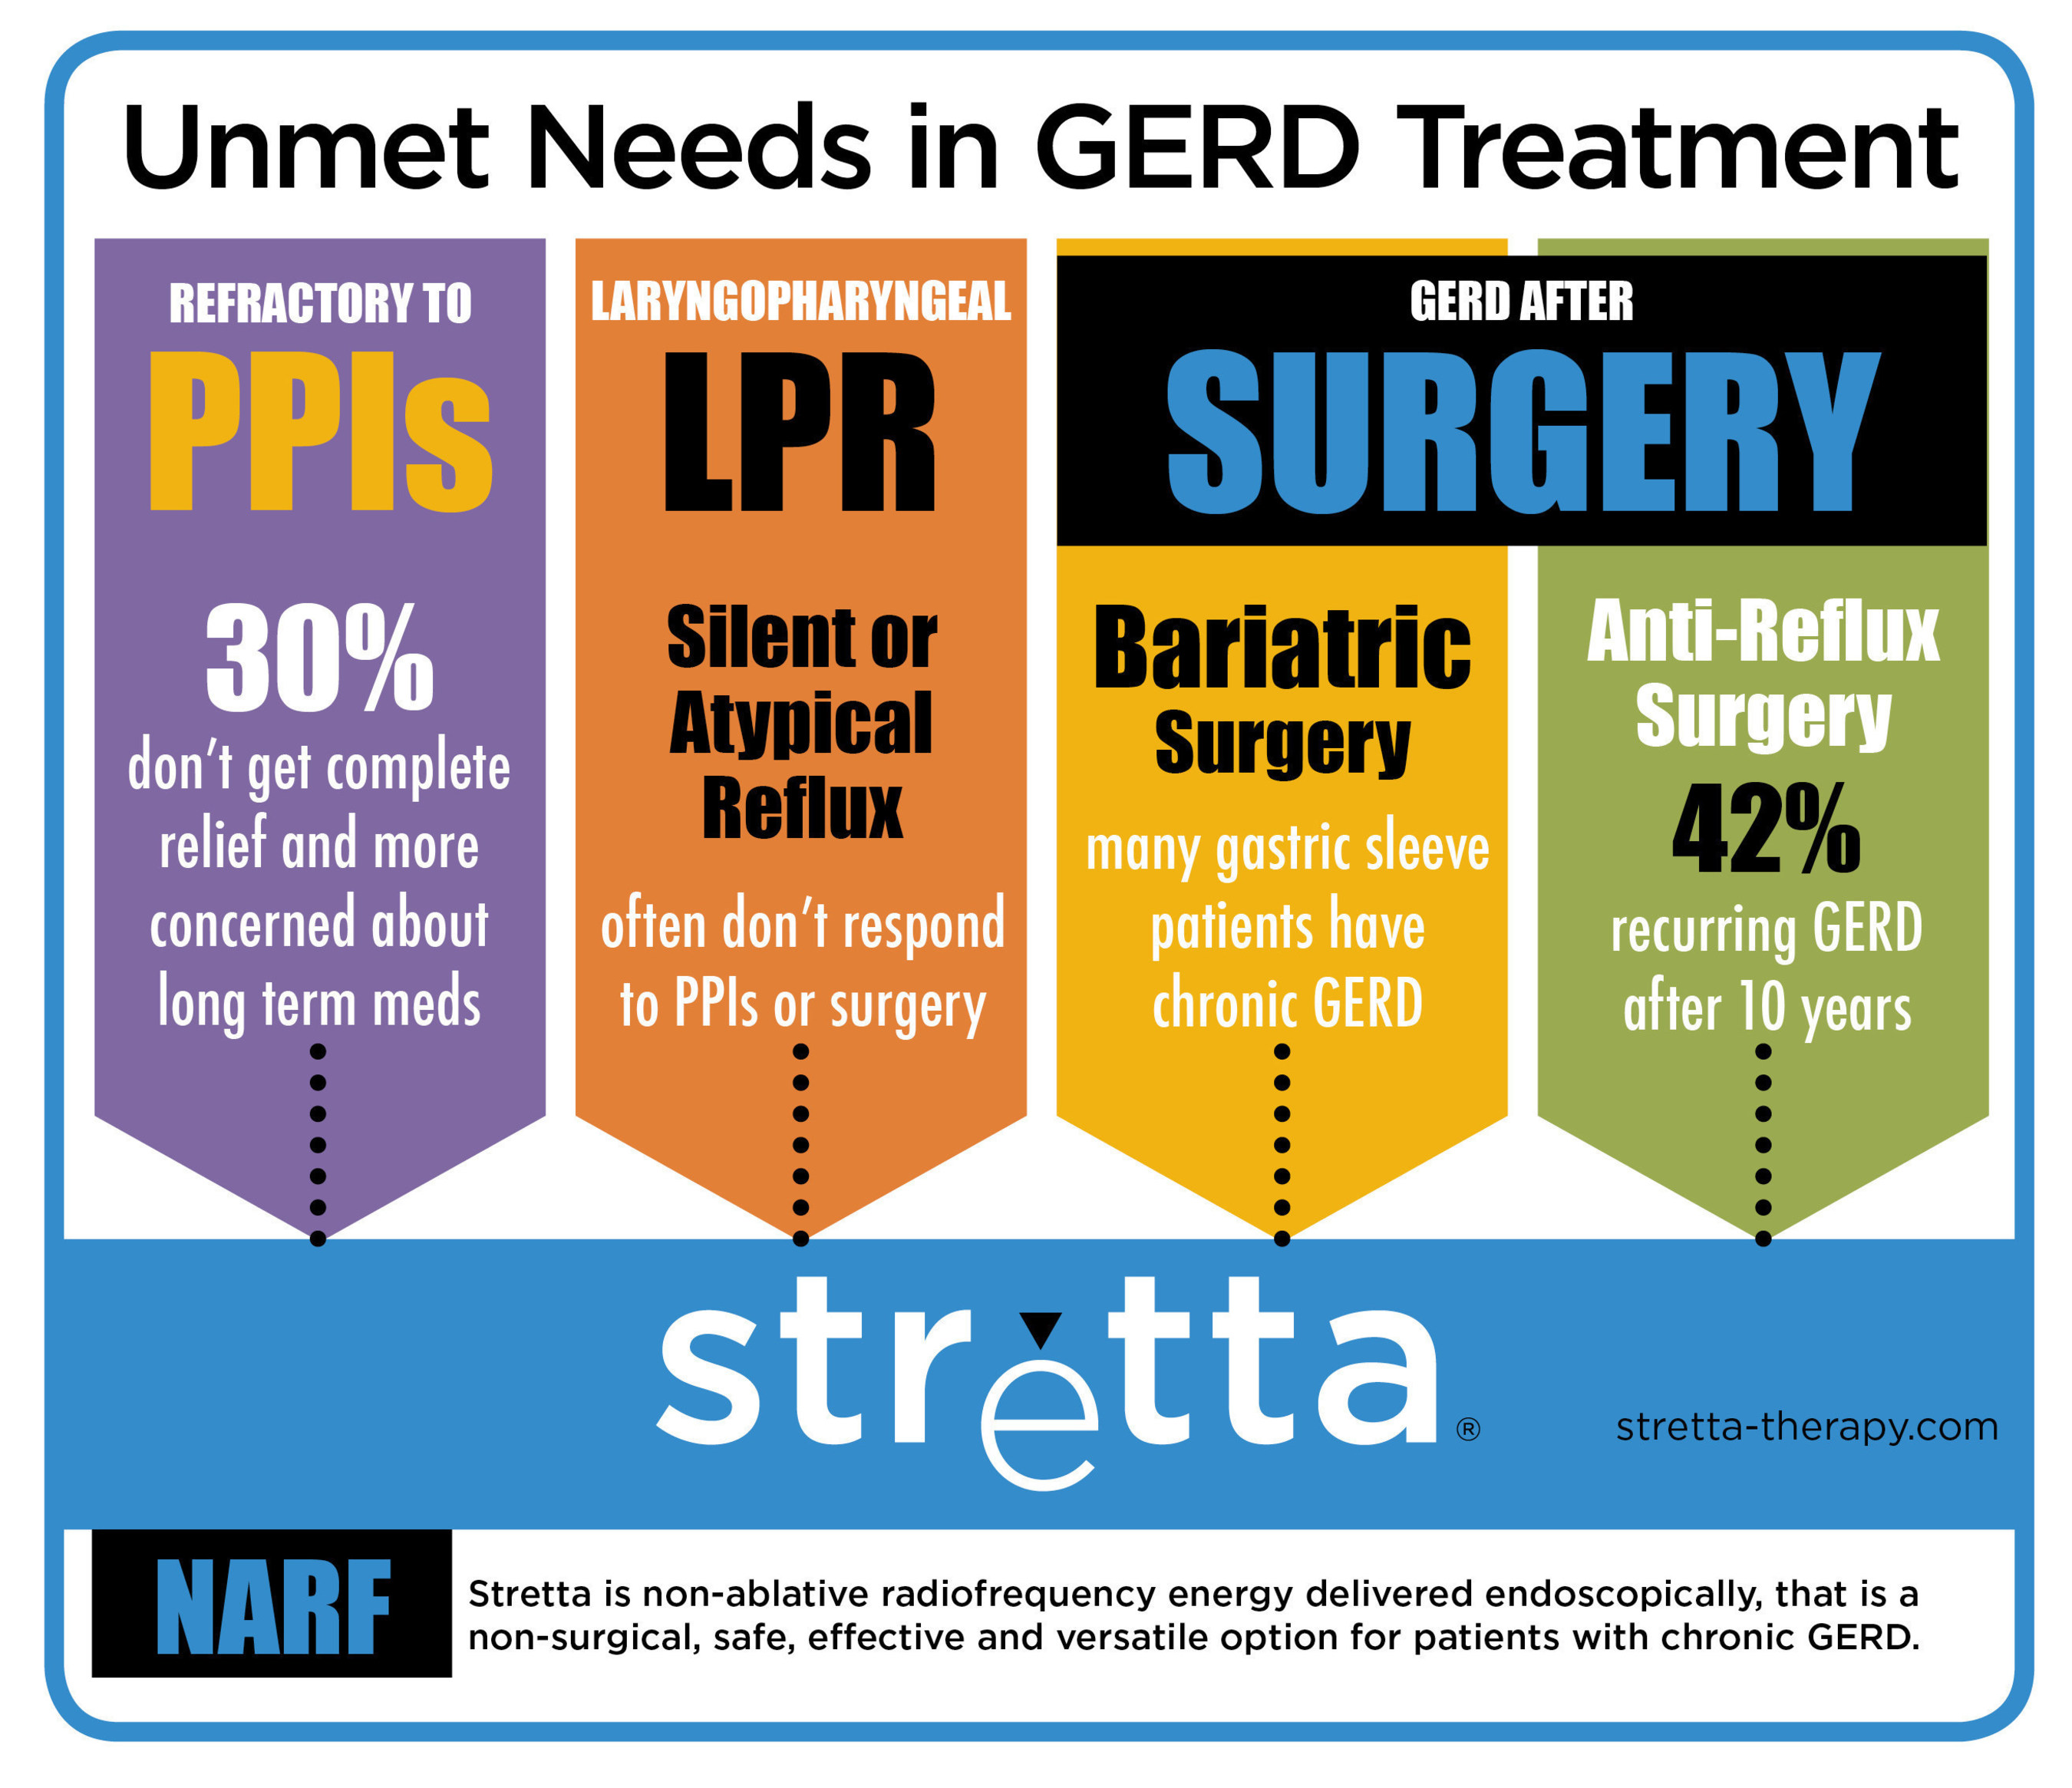 Presentación en la DDW examina a Stretta como un versátil y eficaz tratamiento de la ERGE para